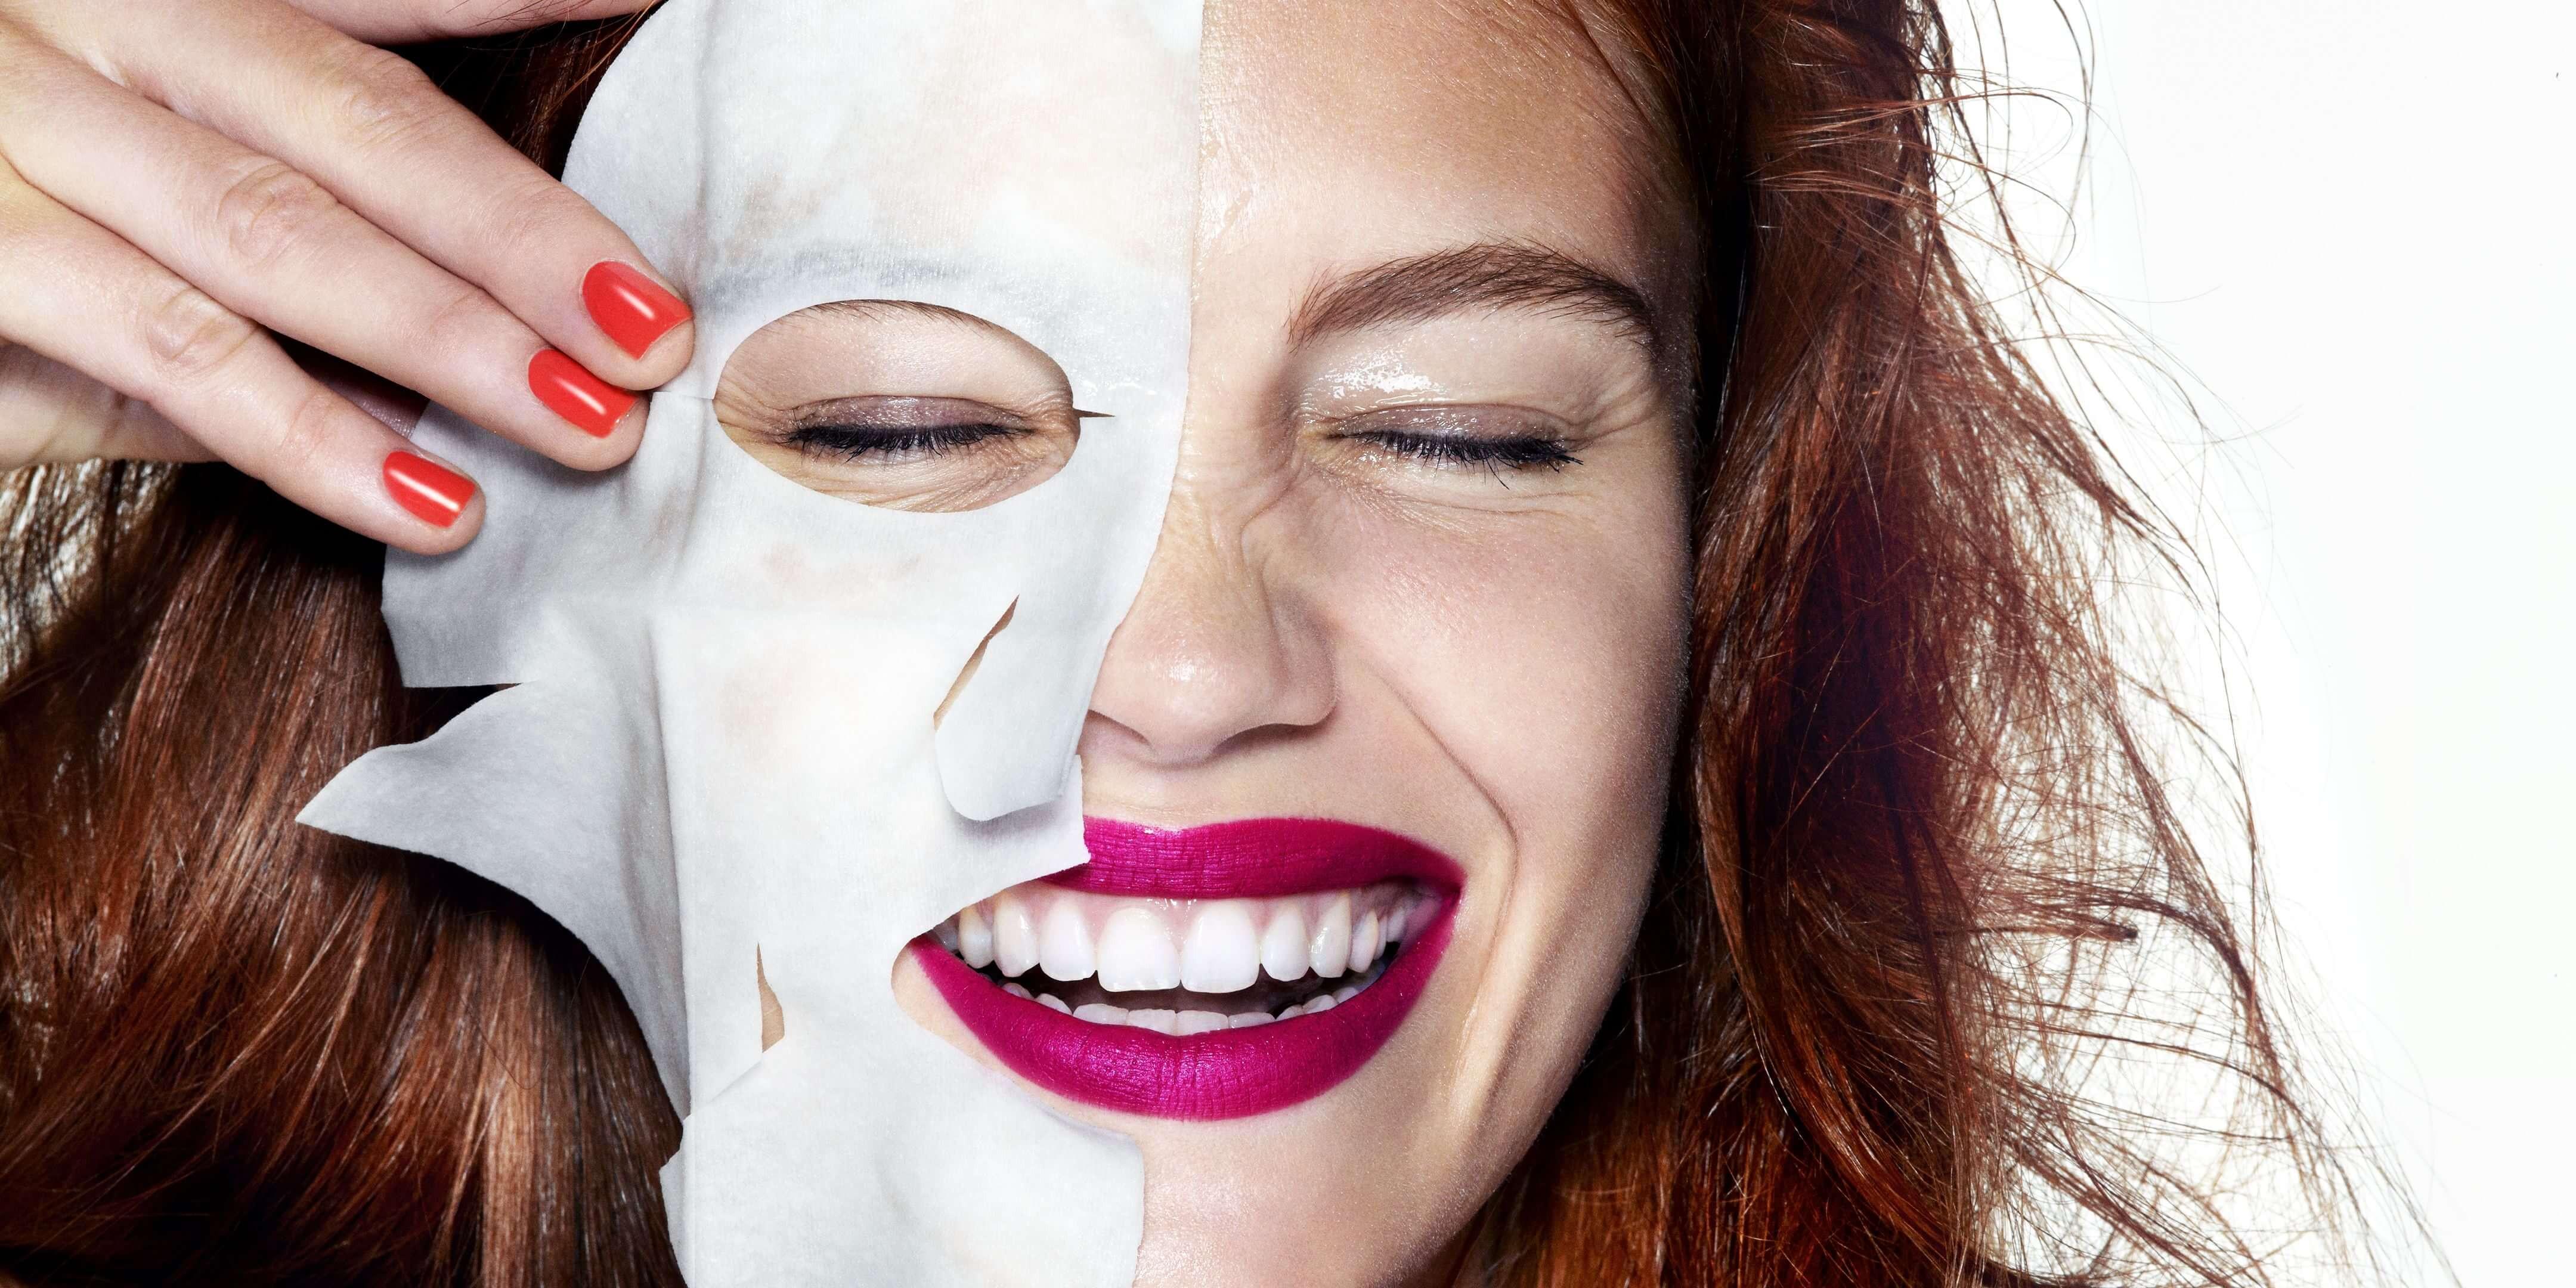 Mặt nạ cơ bản chỉ là một tờ giấy có đàn hồi cao, và được nhúng trong cách hợp chất dinh dưỡng